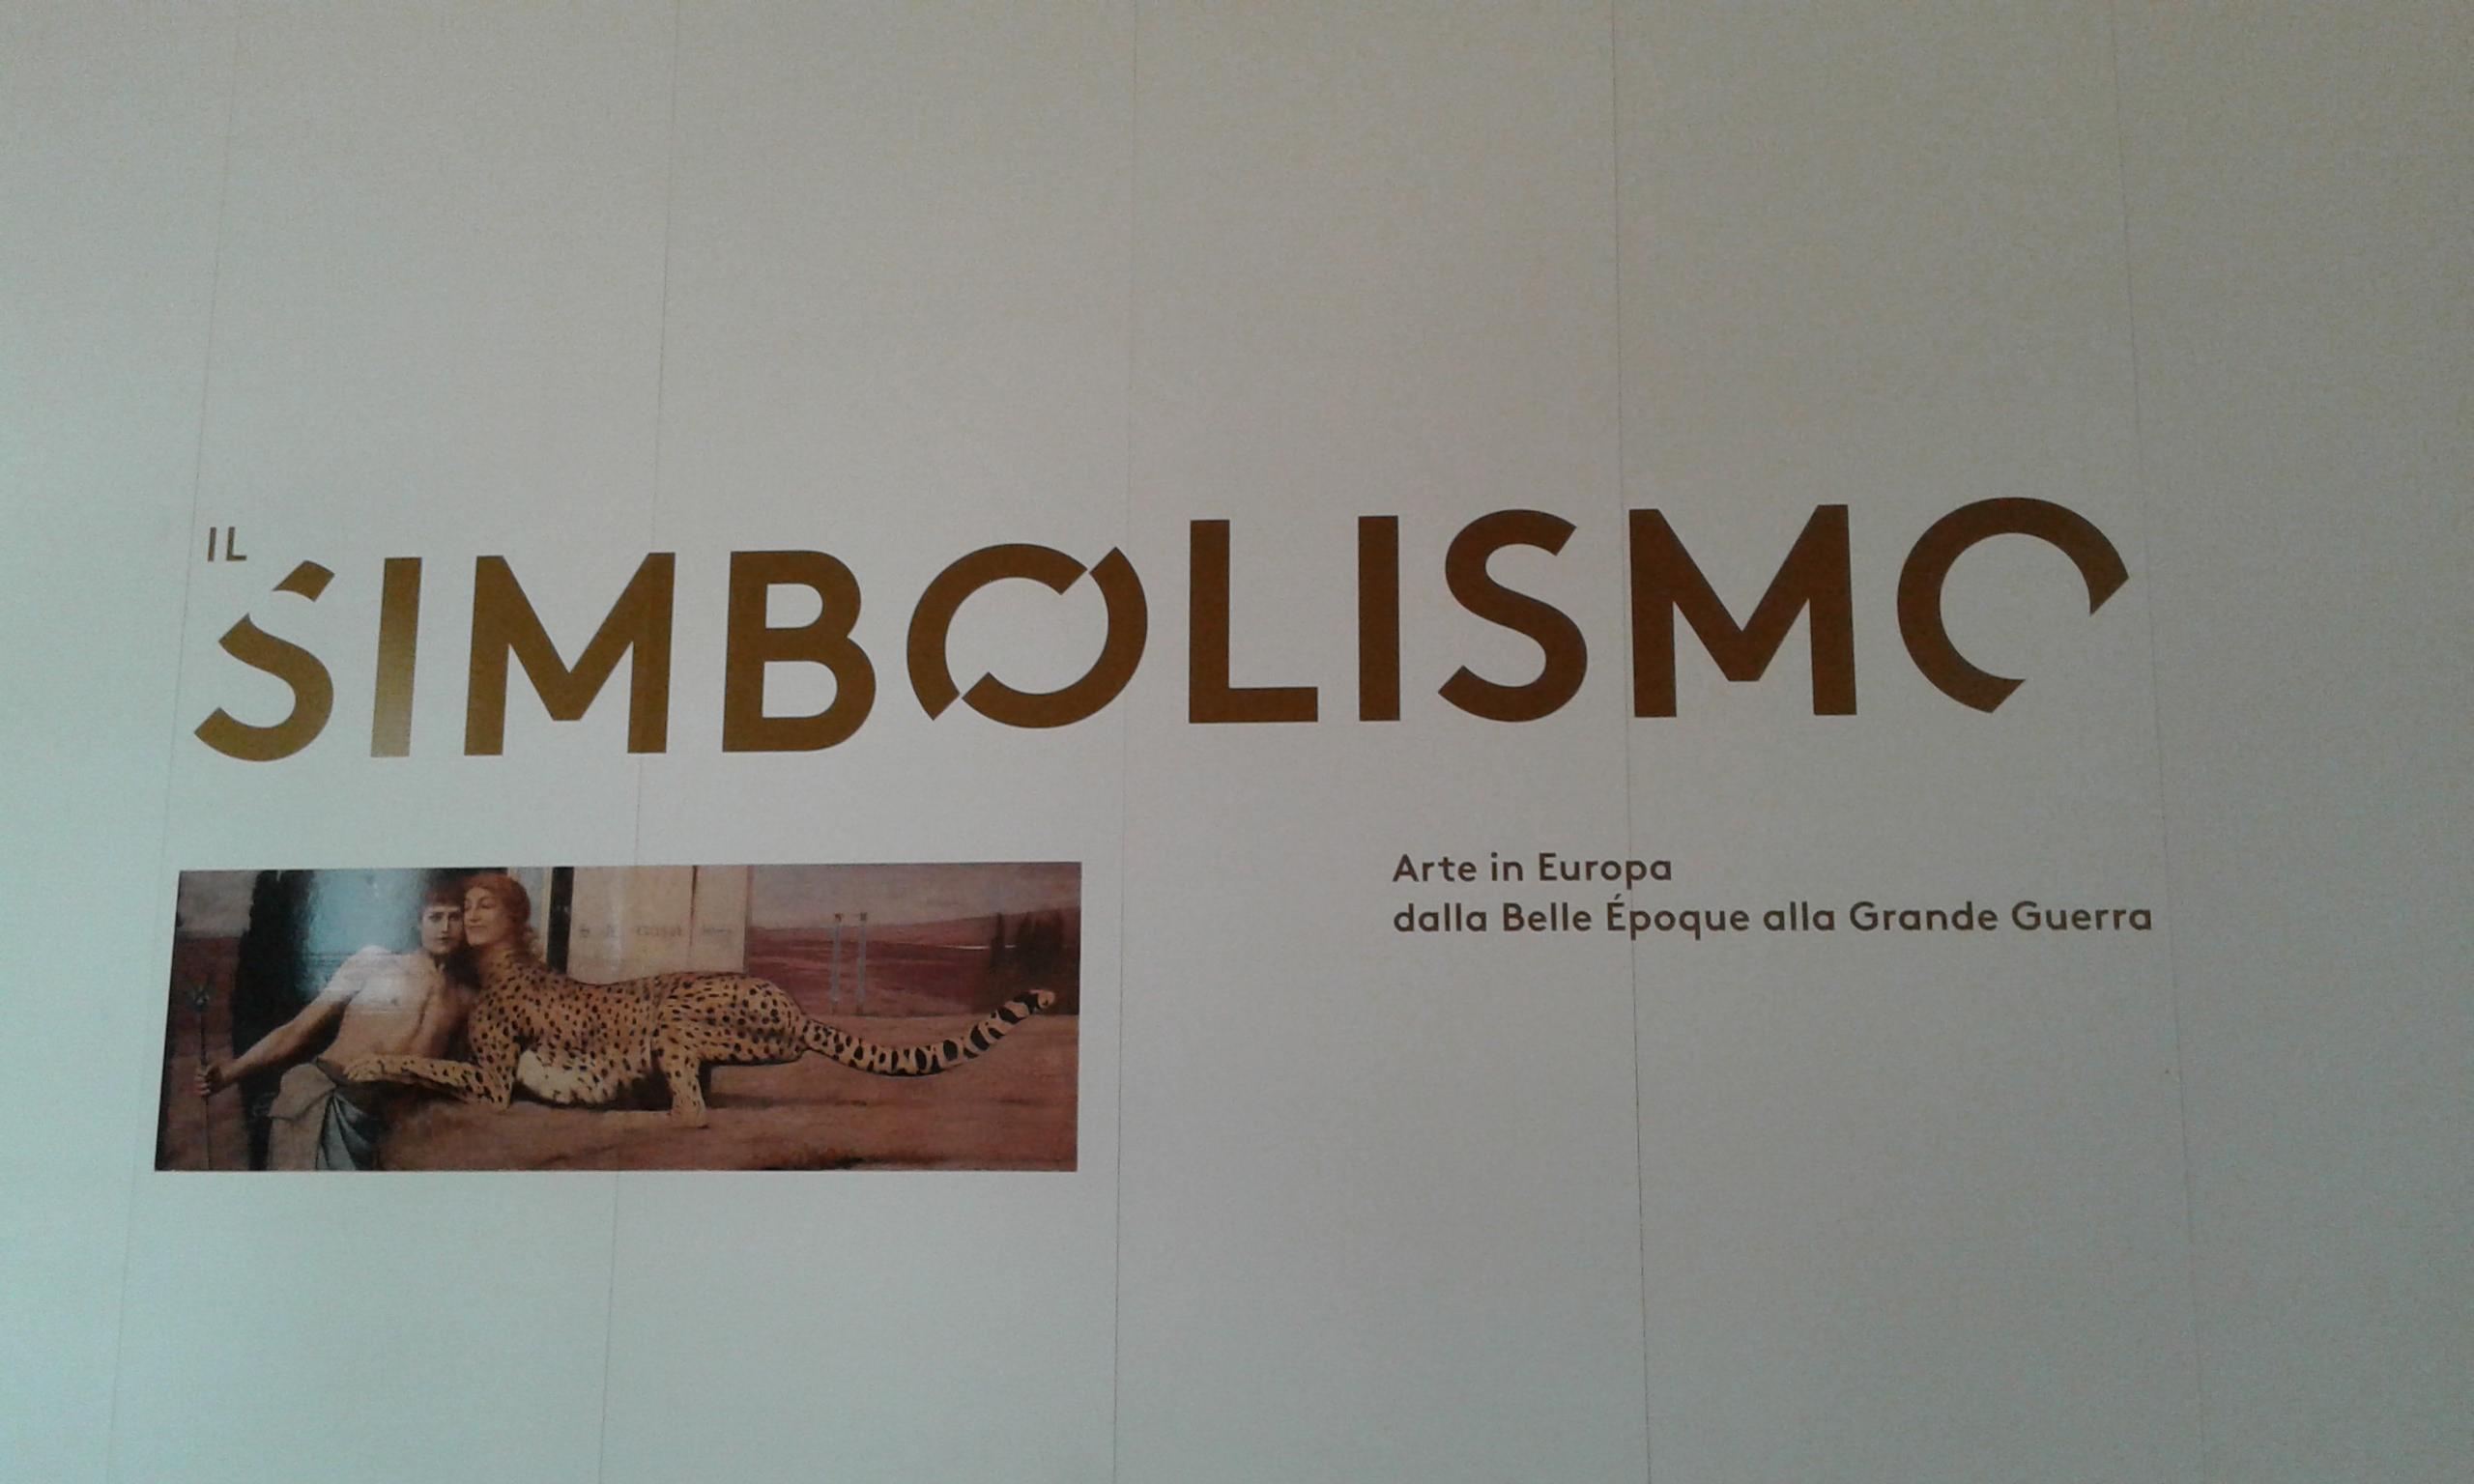 Symblism : fiore all'occhiello gioielli e il simbolismo